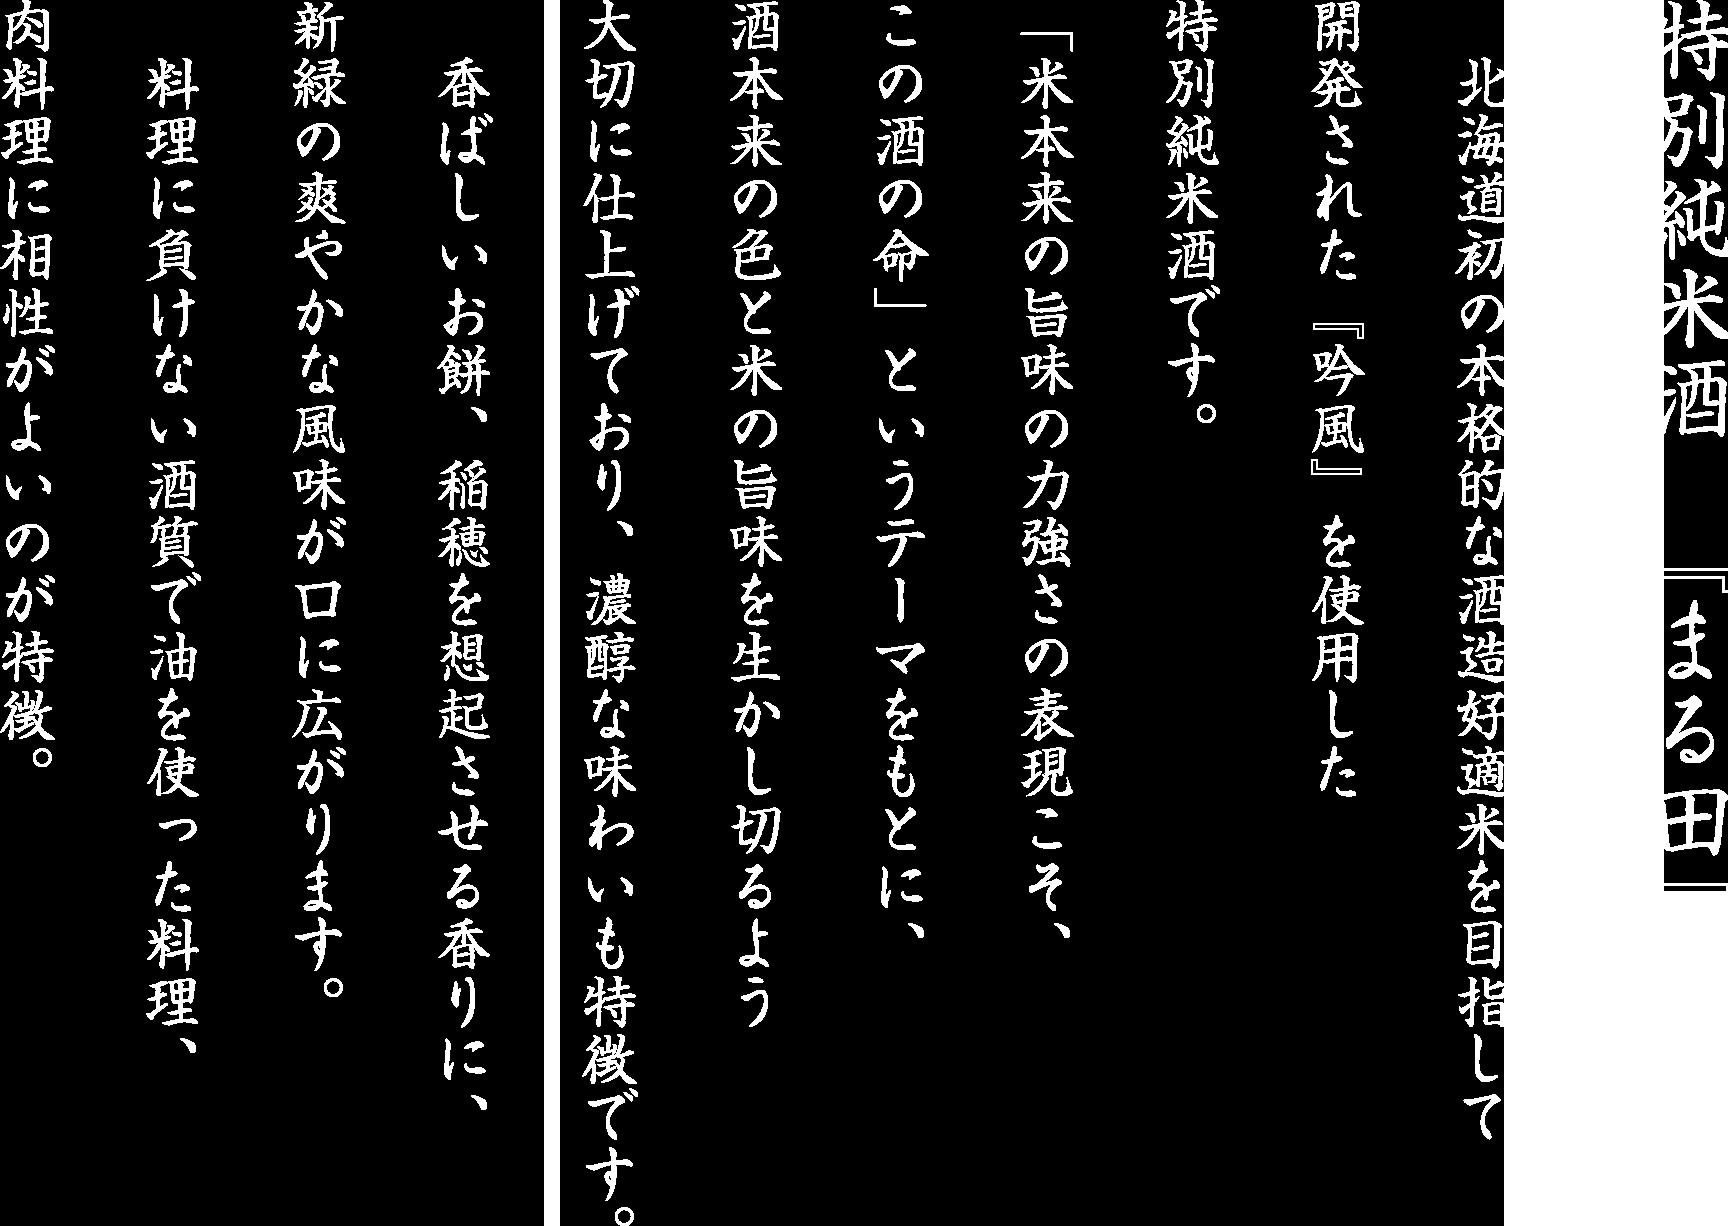 北海道初の本格的な酒造好適米を目指して開発された『吟風』を使用した特別純米酒です。「米本来の旨味の力強さの表現こそ、この酒の命」というテーマをもとに、酒本来の色と米の旨味を生かし切るよう大切に仕上げており、濃醇な味わいも特徴です。 香ばしいお餅、稲穂を想起させる香りに、新緑の爽やかな風味が口に広がります。 料理に負けない酒質で油を使った料理、肉料理に相性がよいのが特徴。